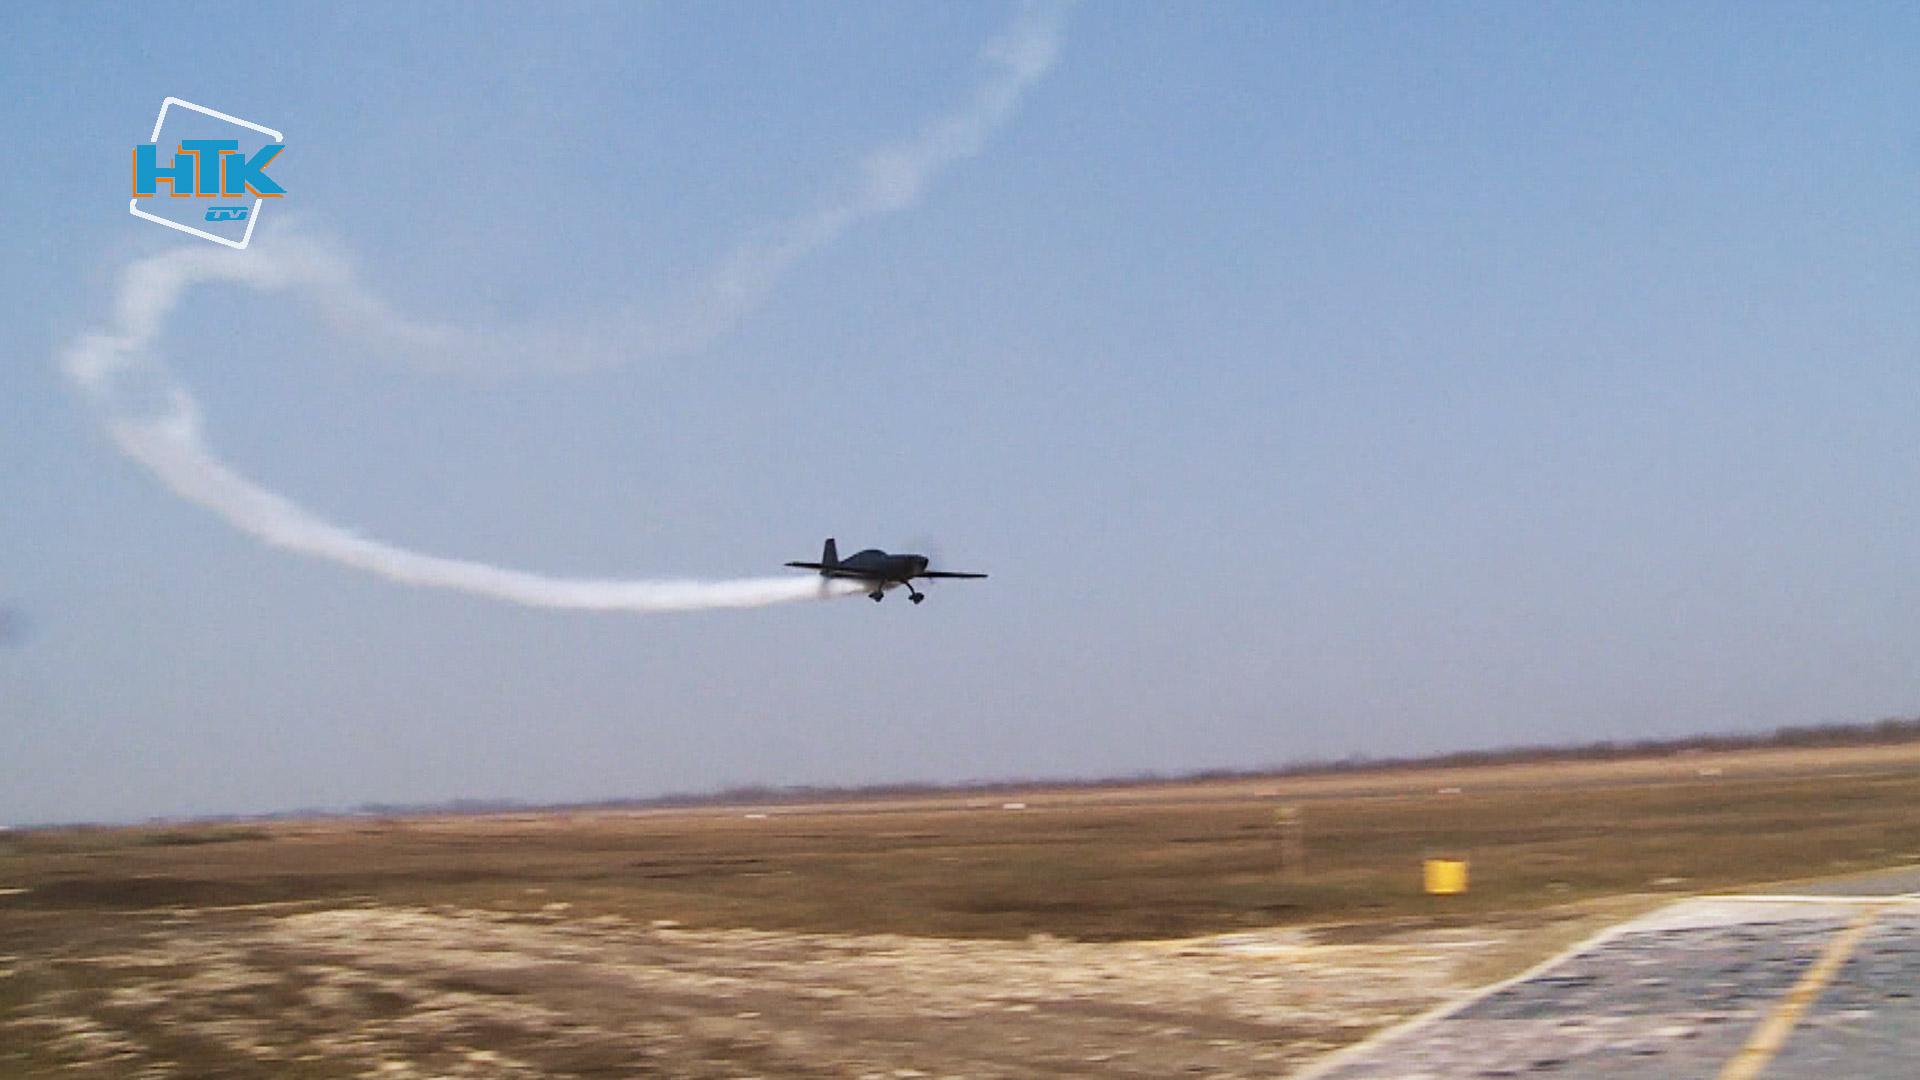 Чемпіон світу з вищого пілотажу влаштував повітряне шоу у Коломиї (ФОТО, ВІДЕО)